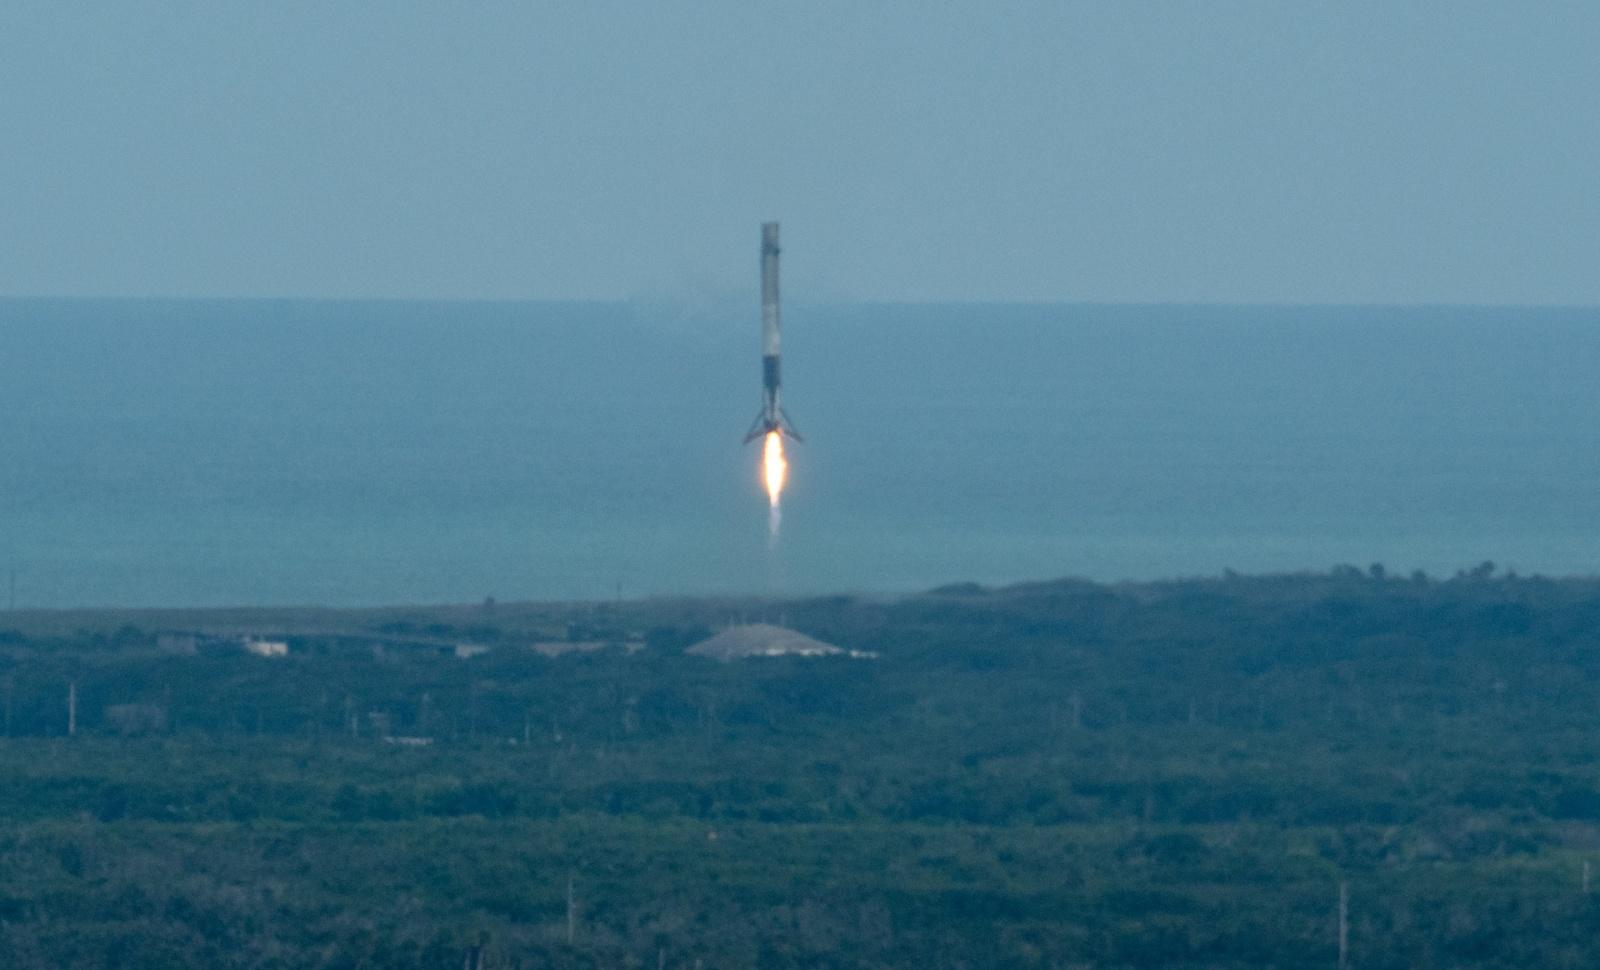 Что грузовик Dragon доставит на МКС 5 июня 2017 года: обзор экспериментов - 1